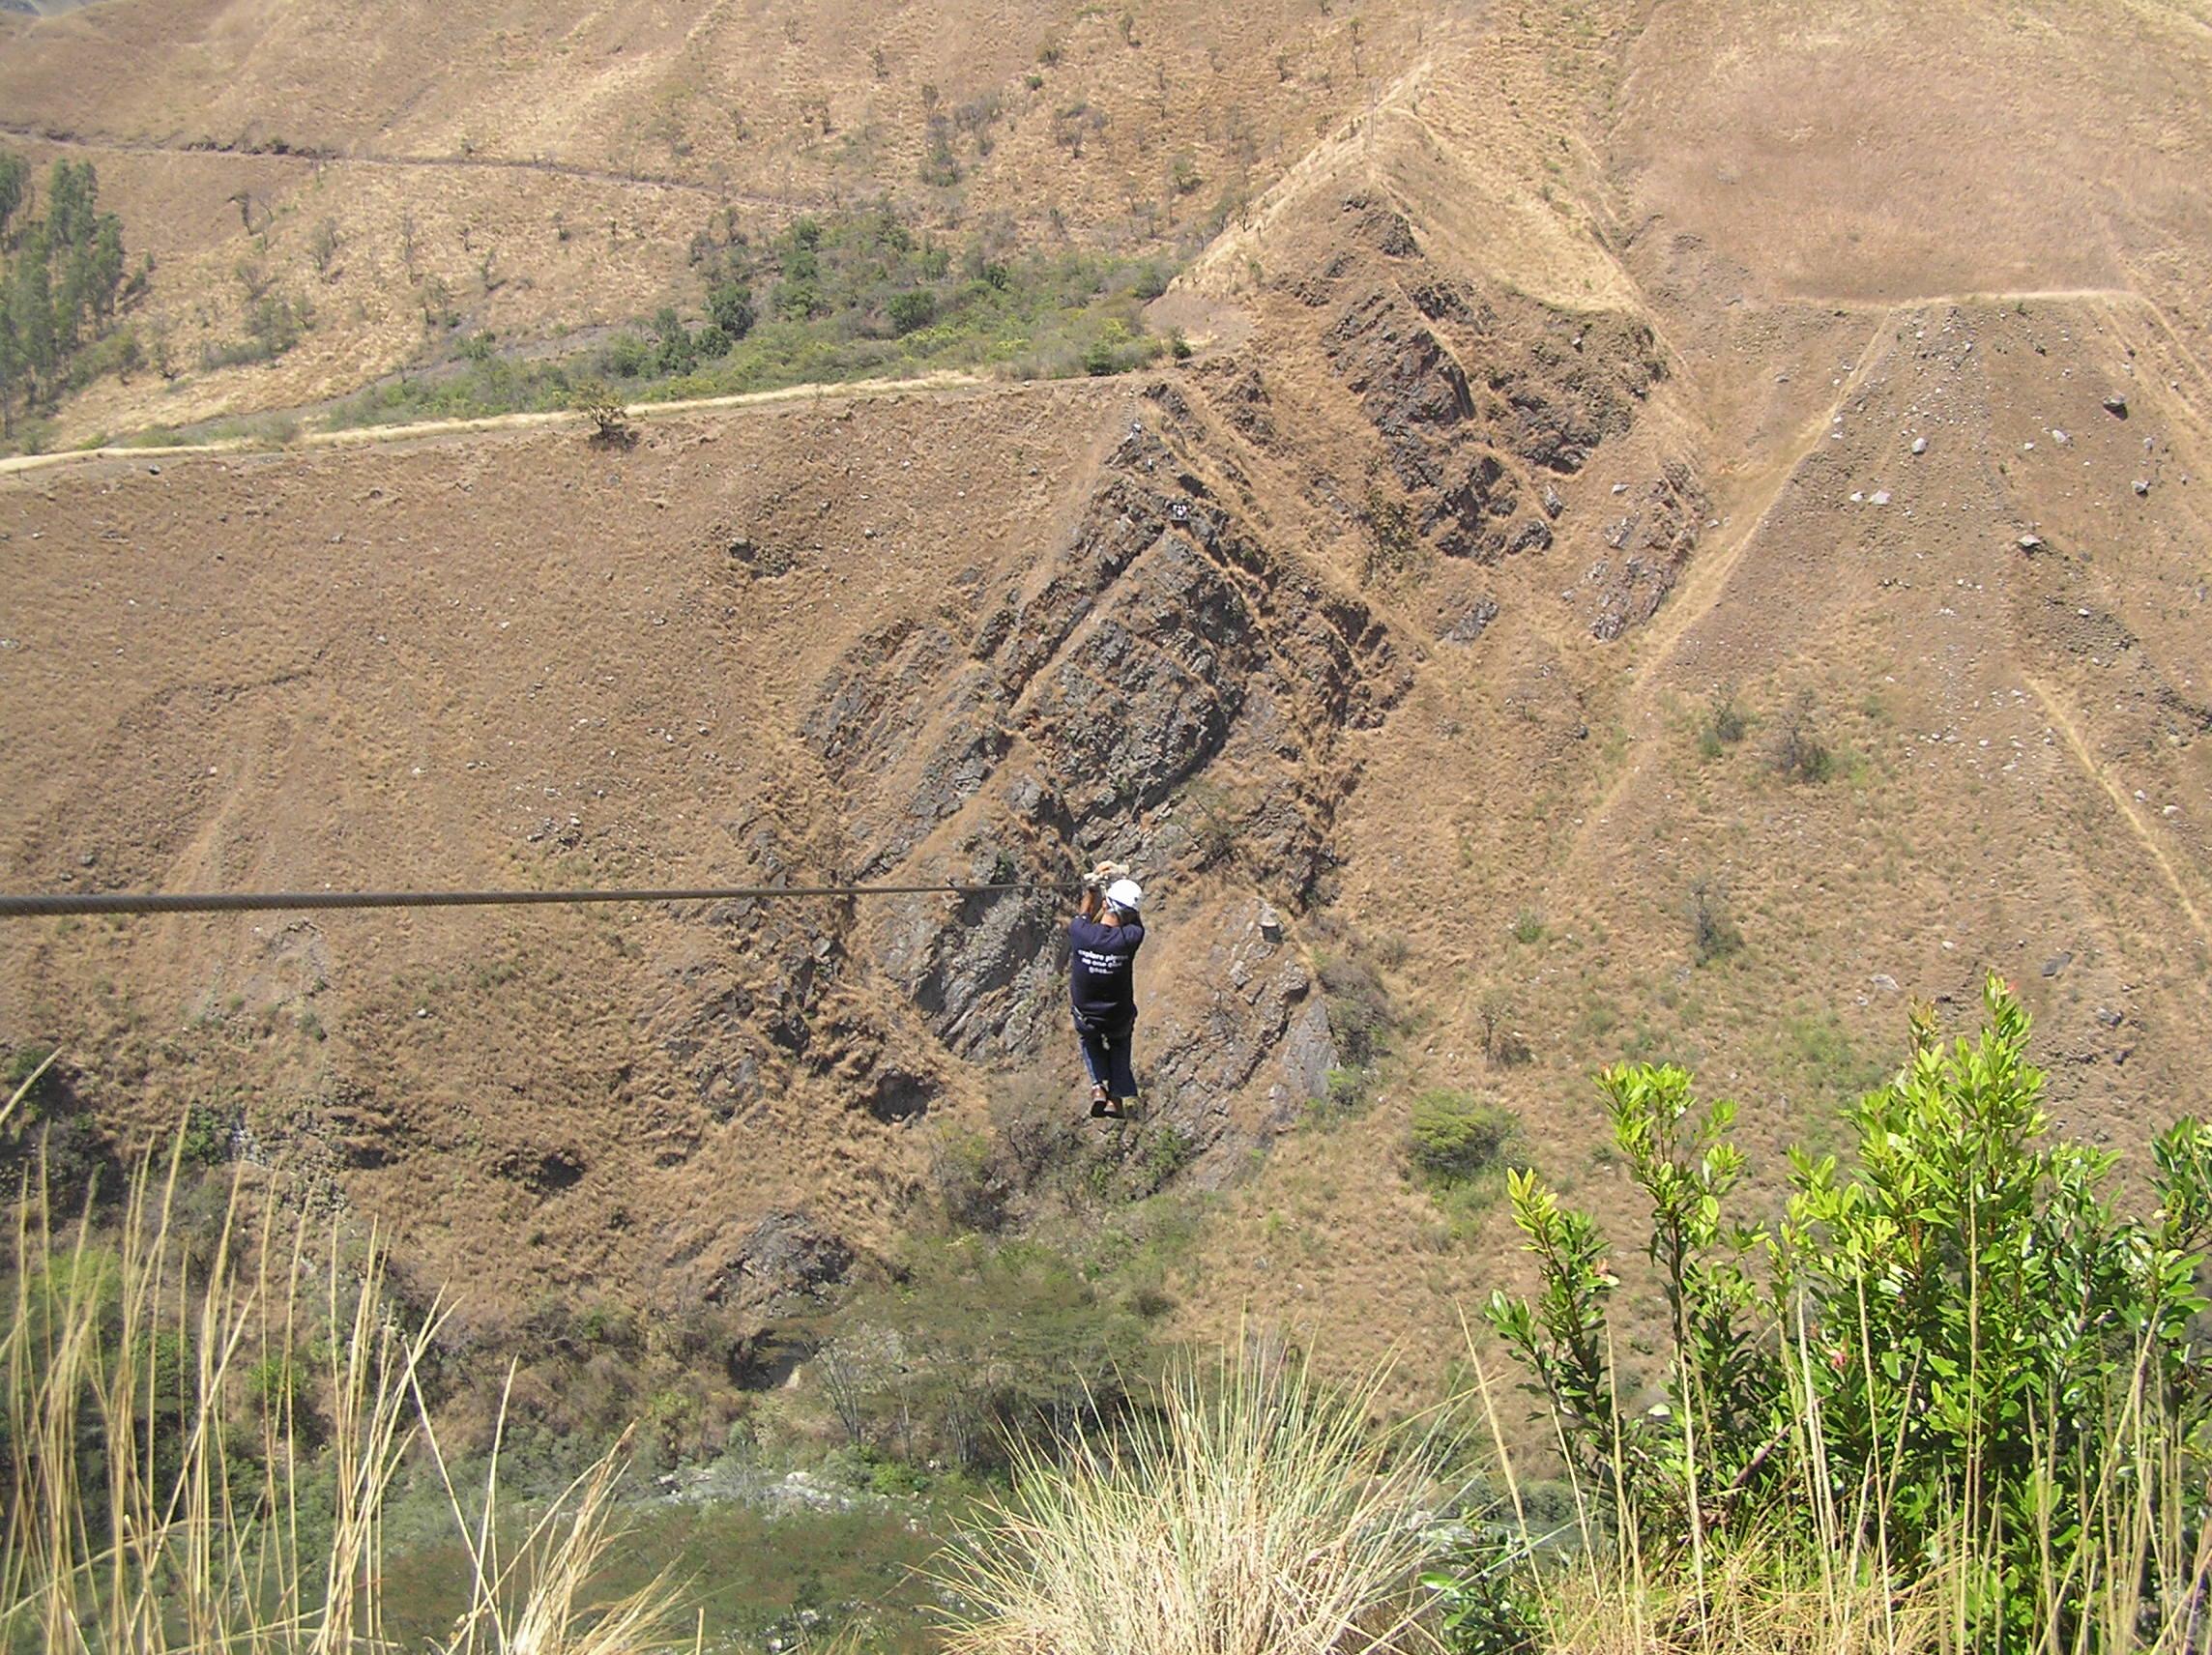 The Cola de Mono zip line in Peru